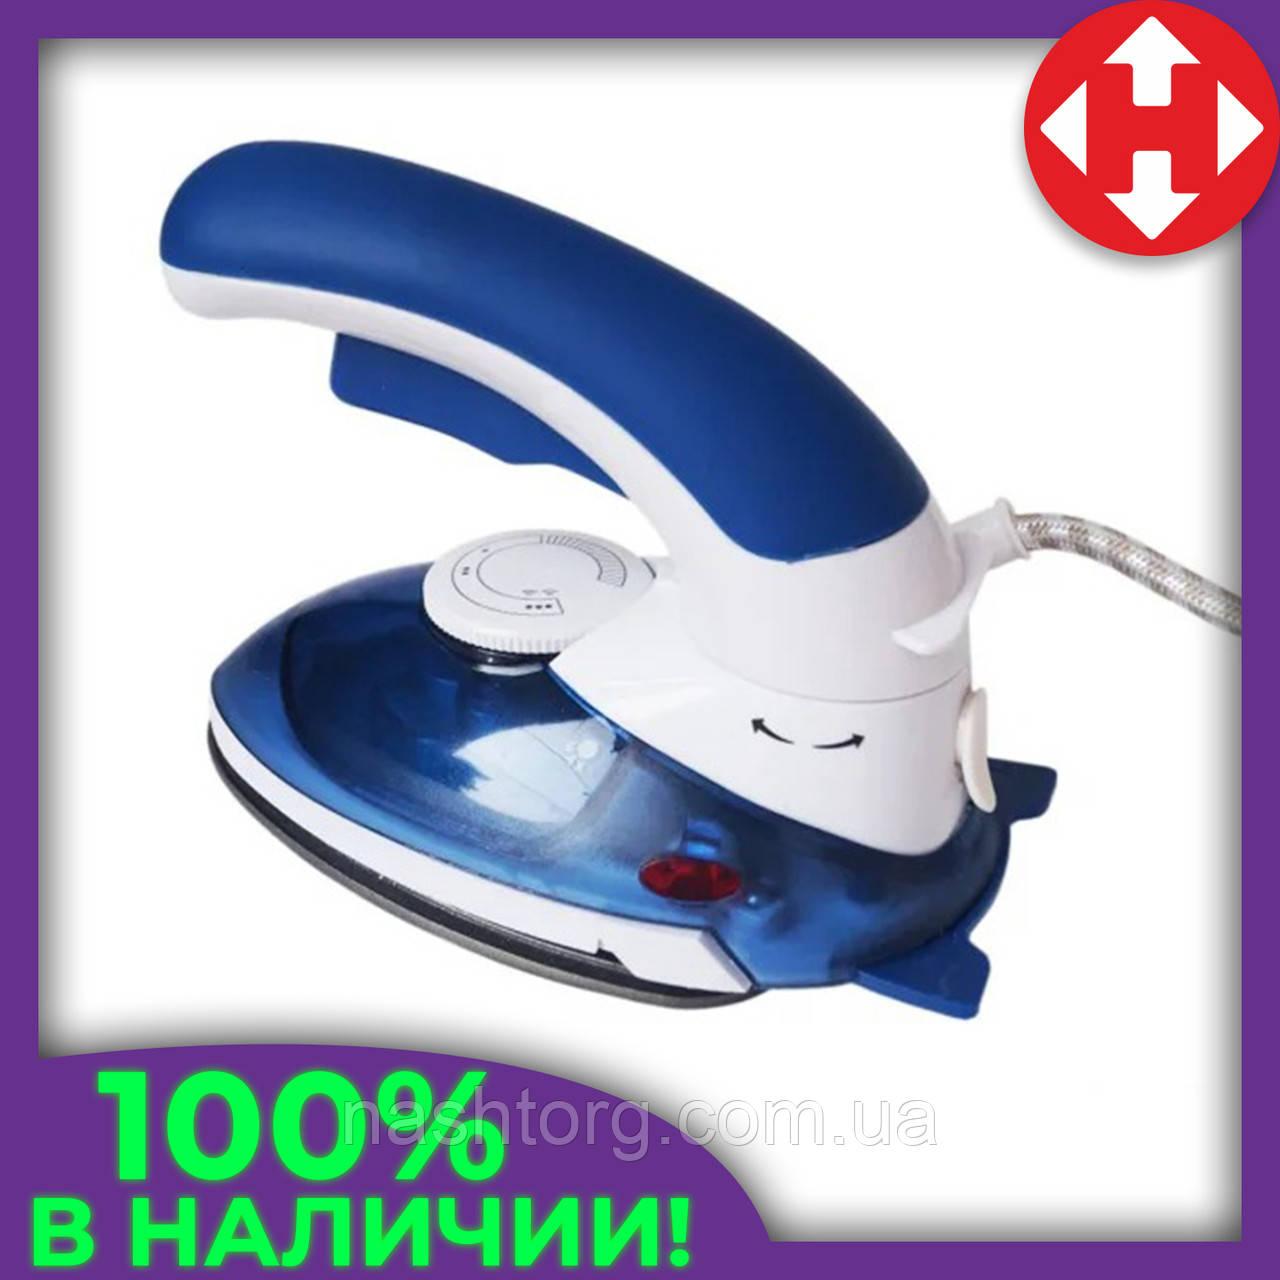 Распродажа! Утюг дорожный, отпариватель для одежды, 2 в 1, цвет - синий, HT-558 B, утюг отпариватель